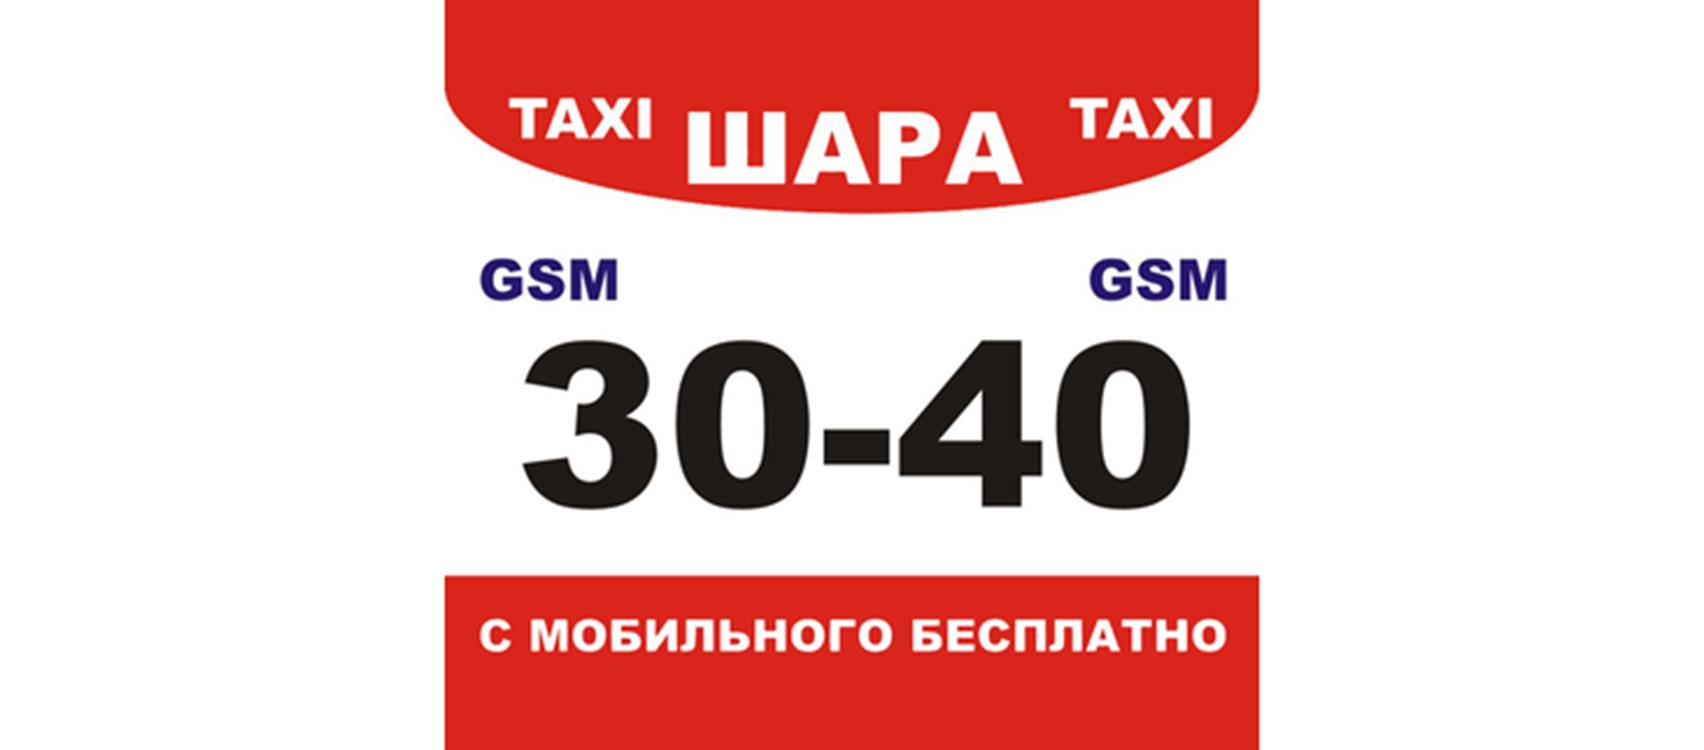 Таксі Шара 30 40  (Харків)